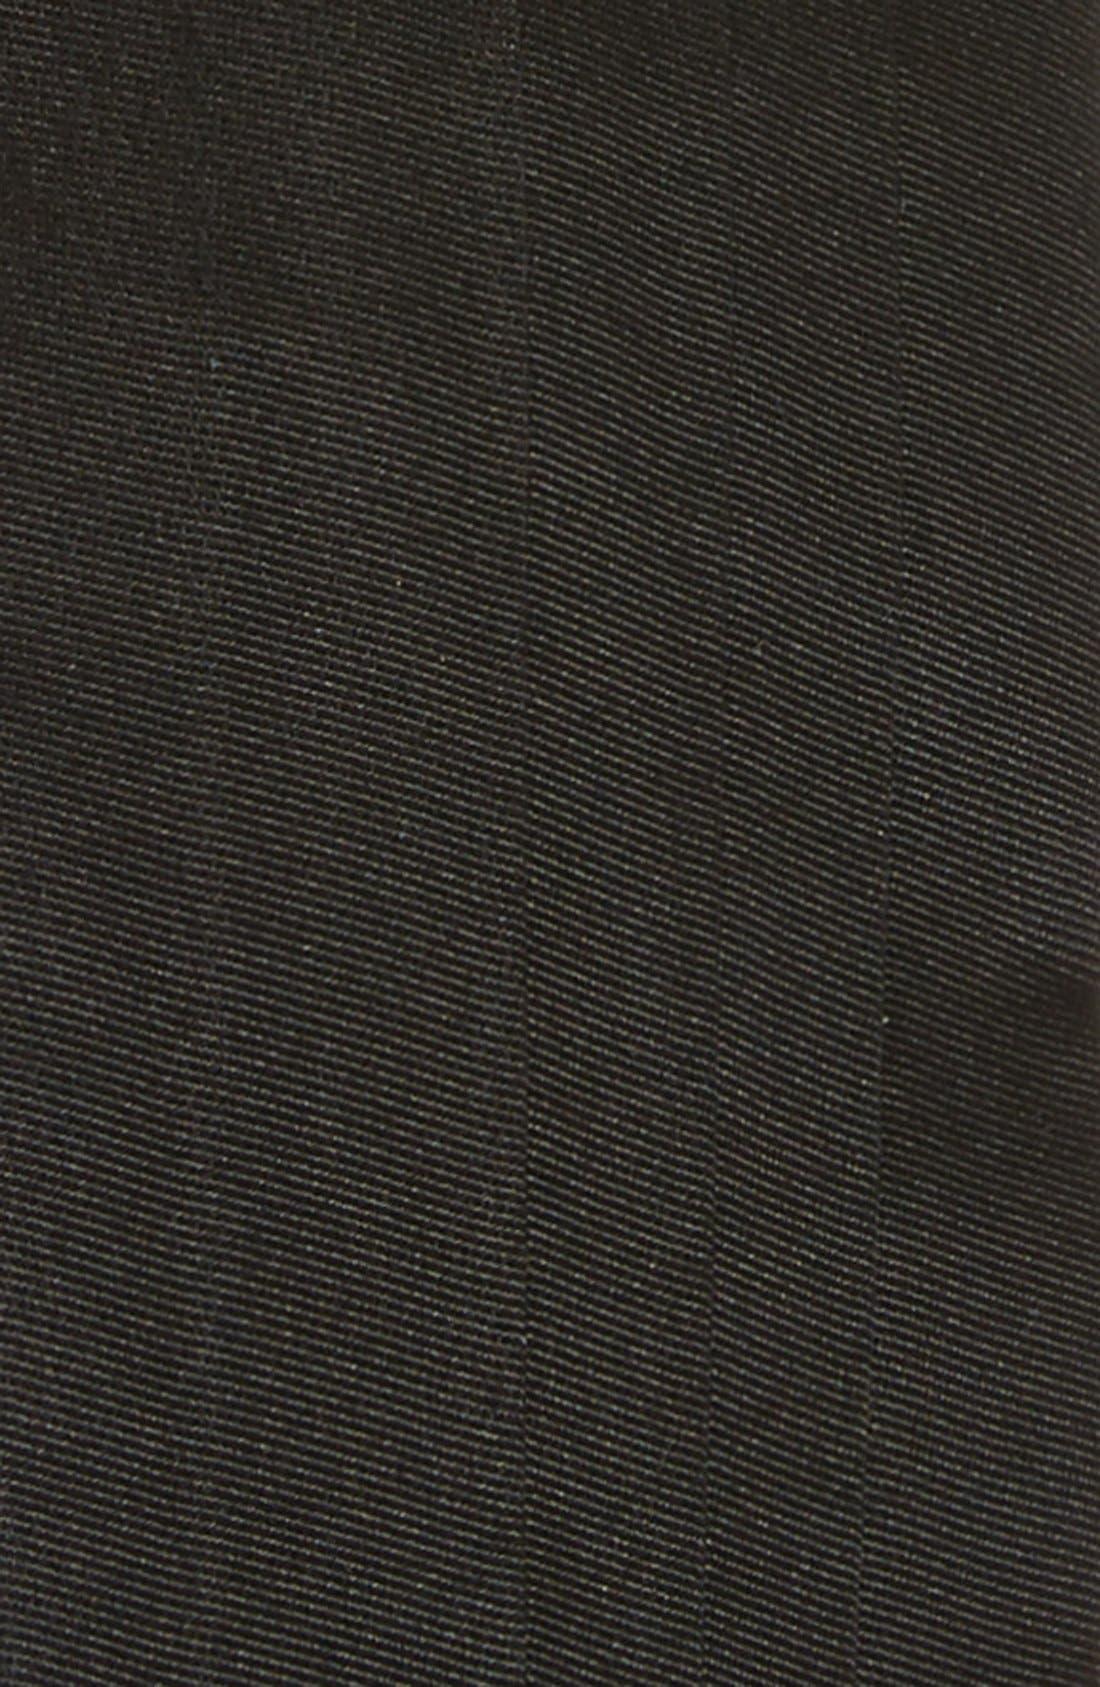 Alternate Image 2  - Gitman Cummerbund & Bow Tie